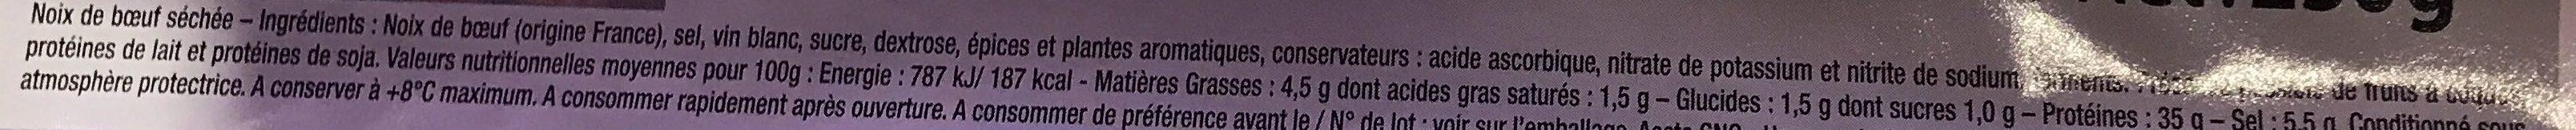 Les Tranches de Bœuf Séché - Ingredients - fr